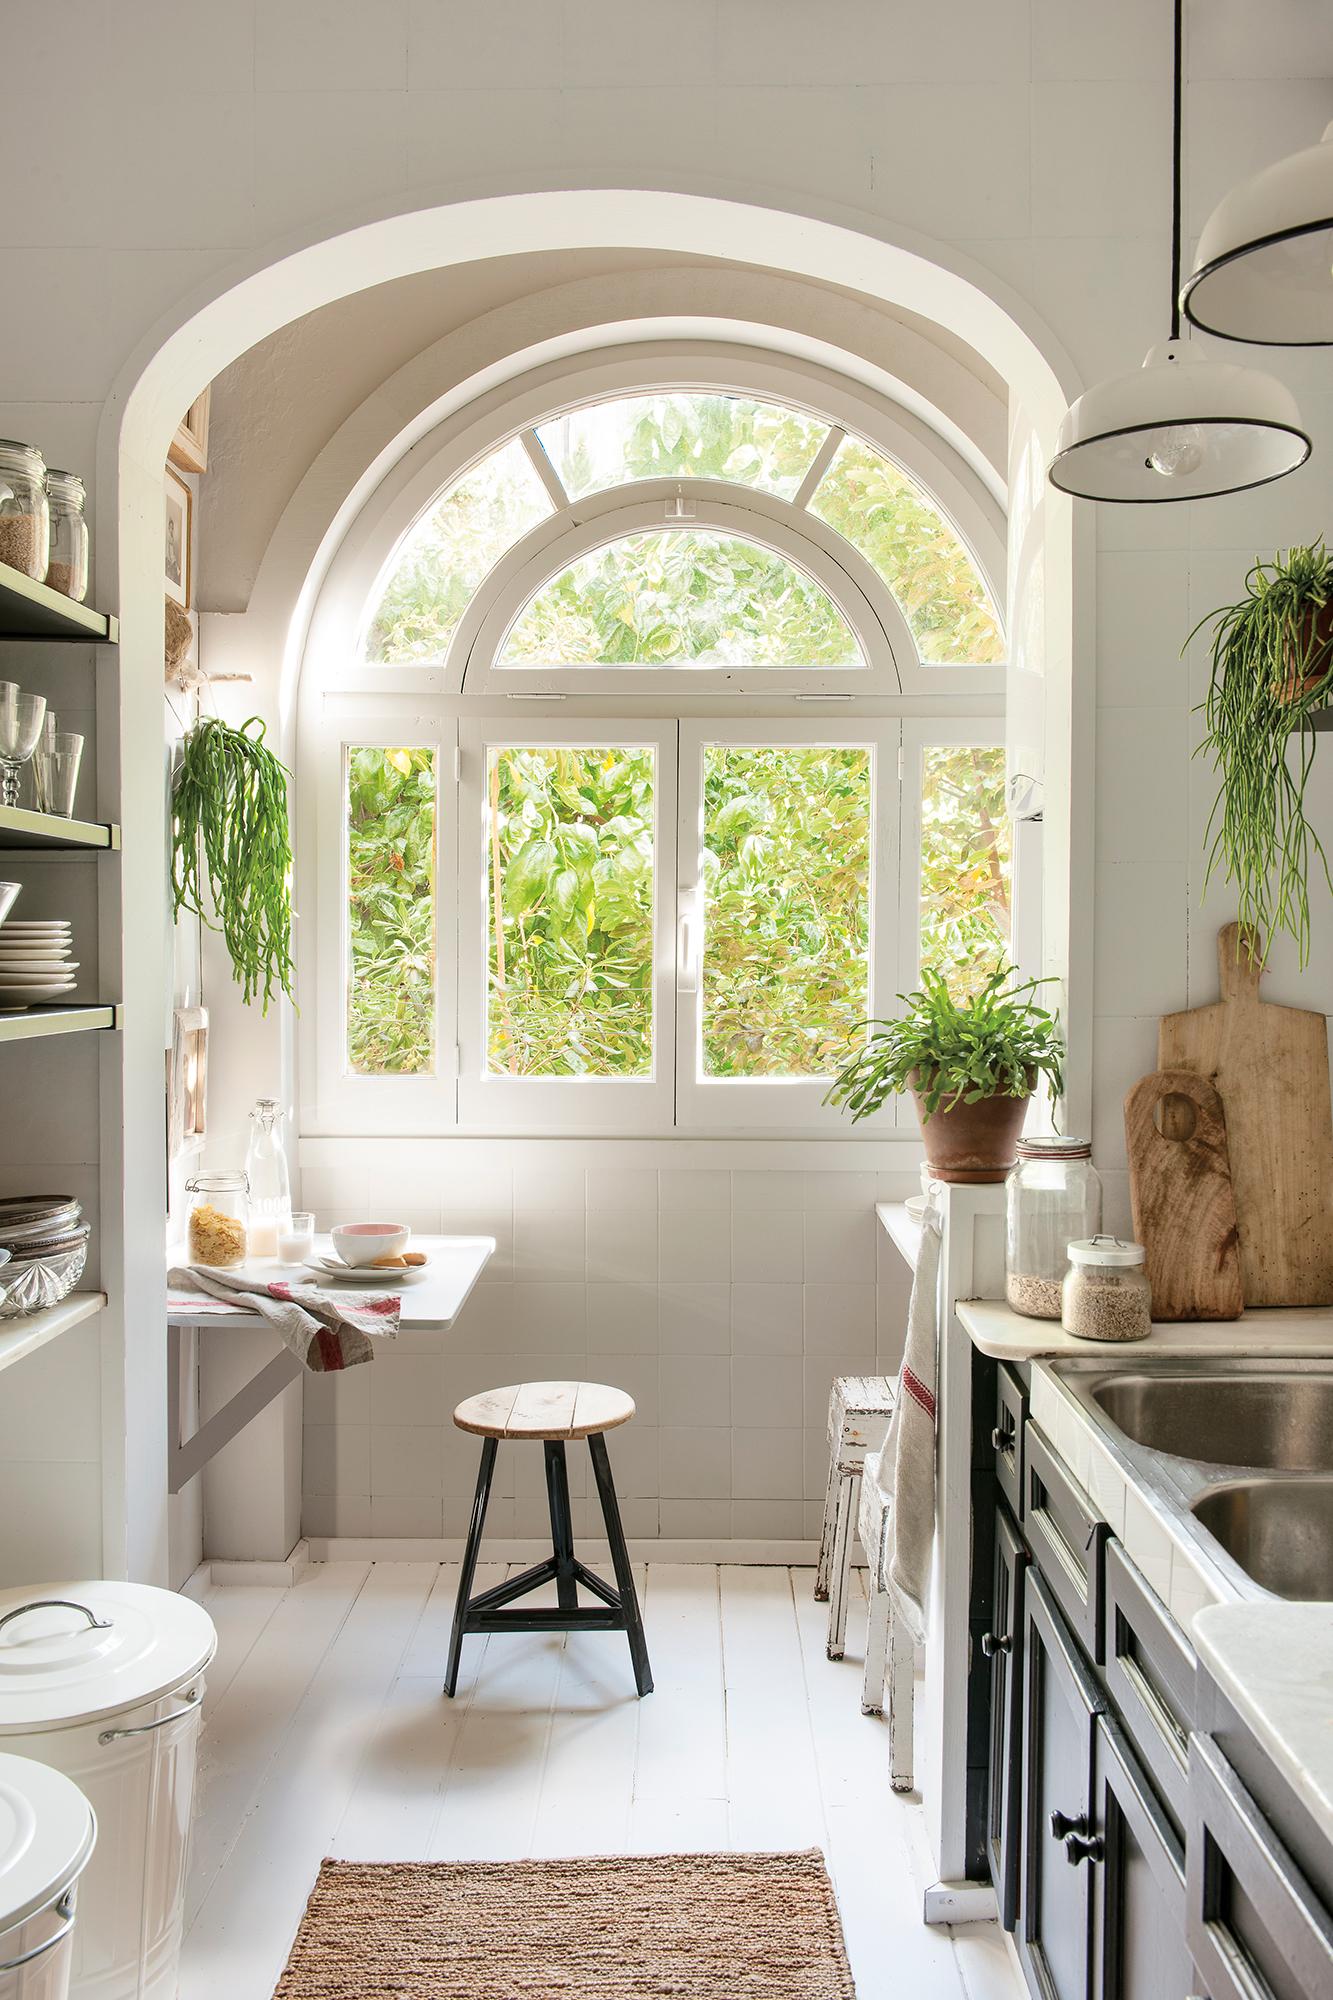 Cocina blanca con gran ventanal en forma de arco y muebles de cocina en negro_ 00451211